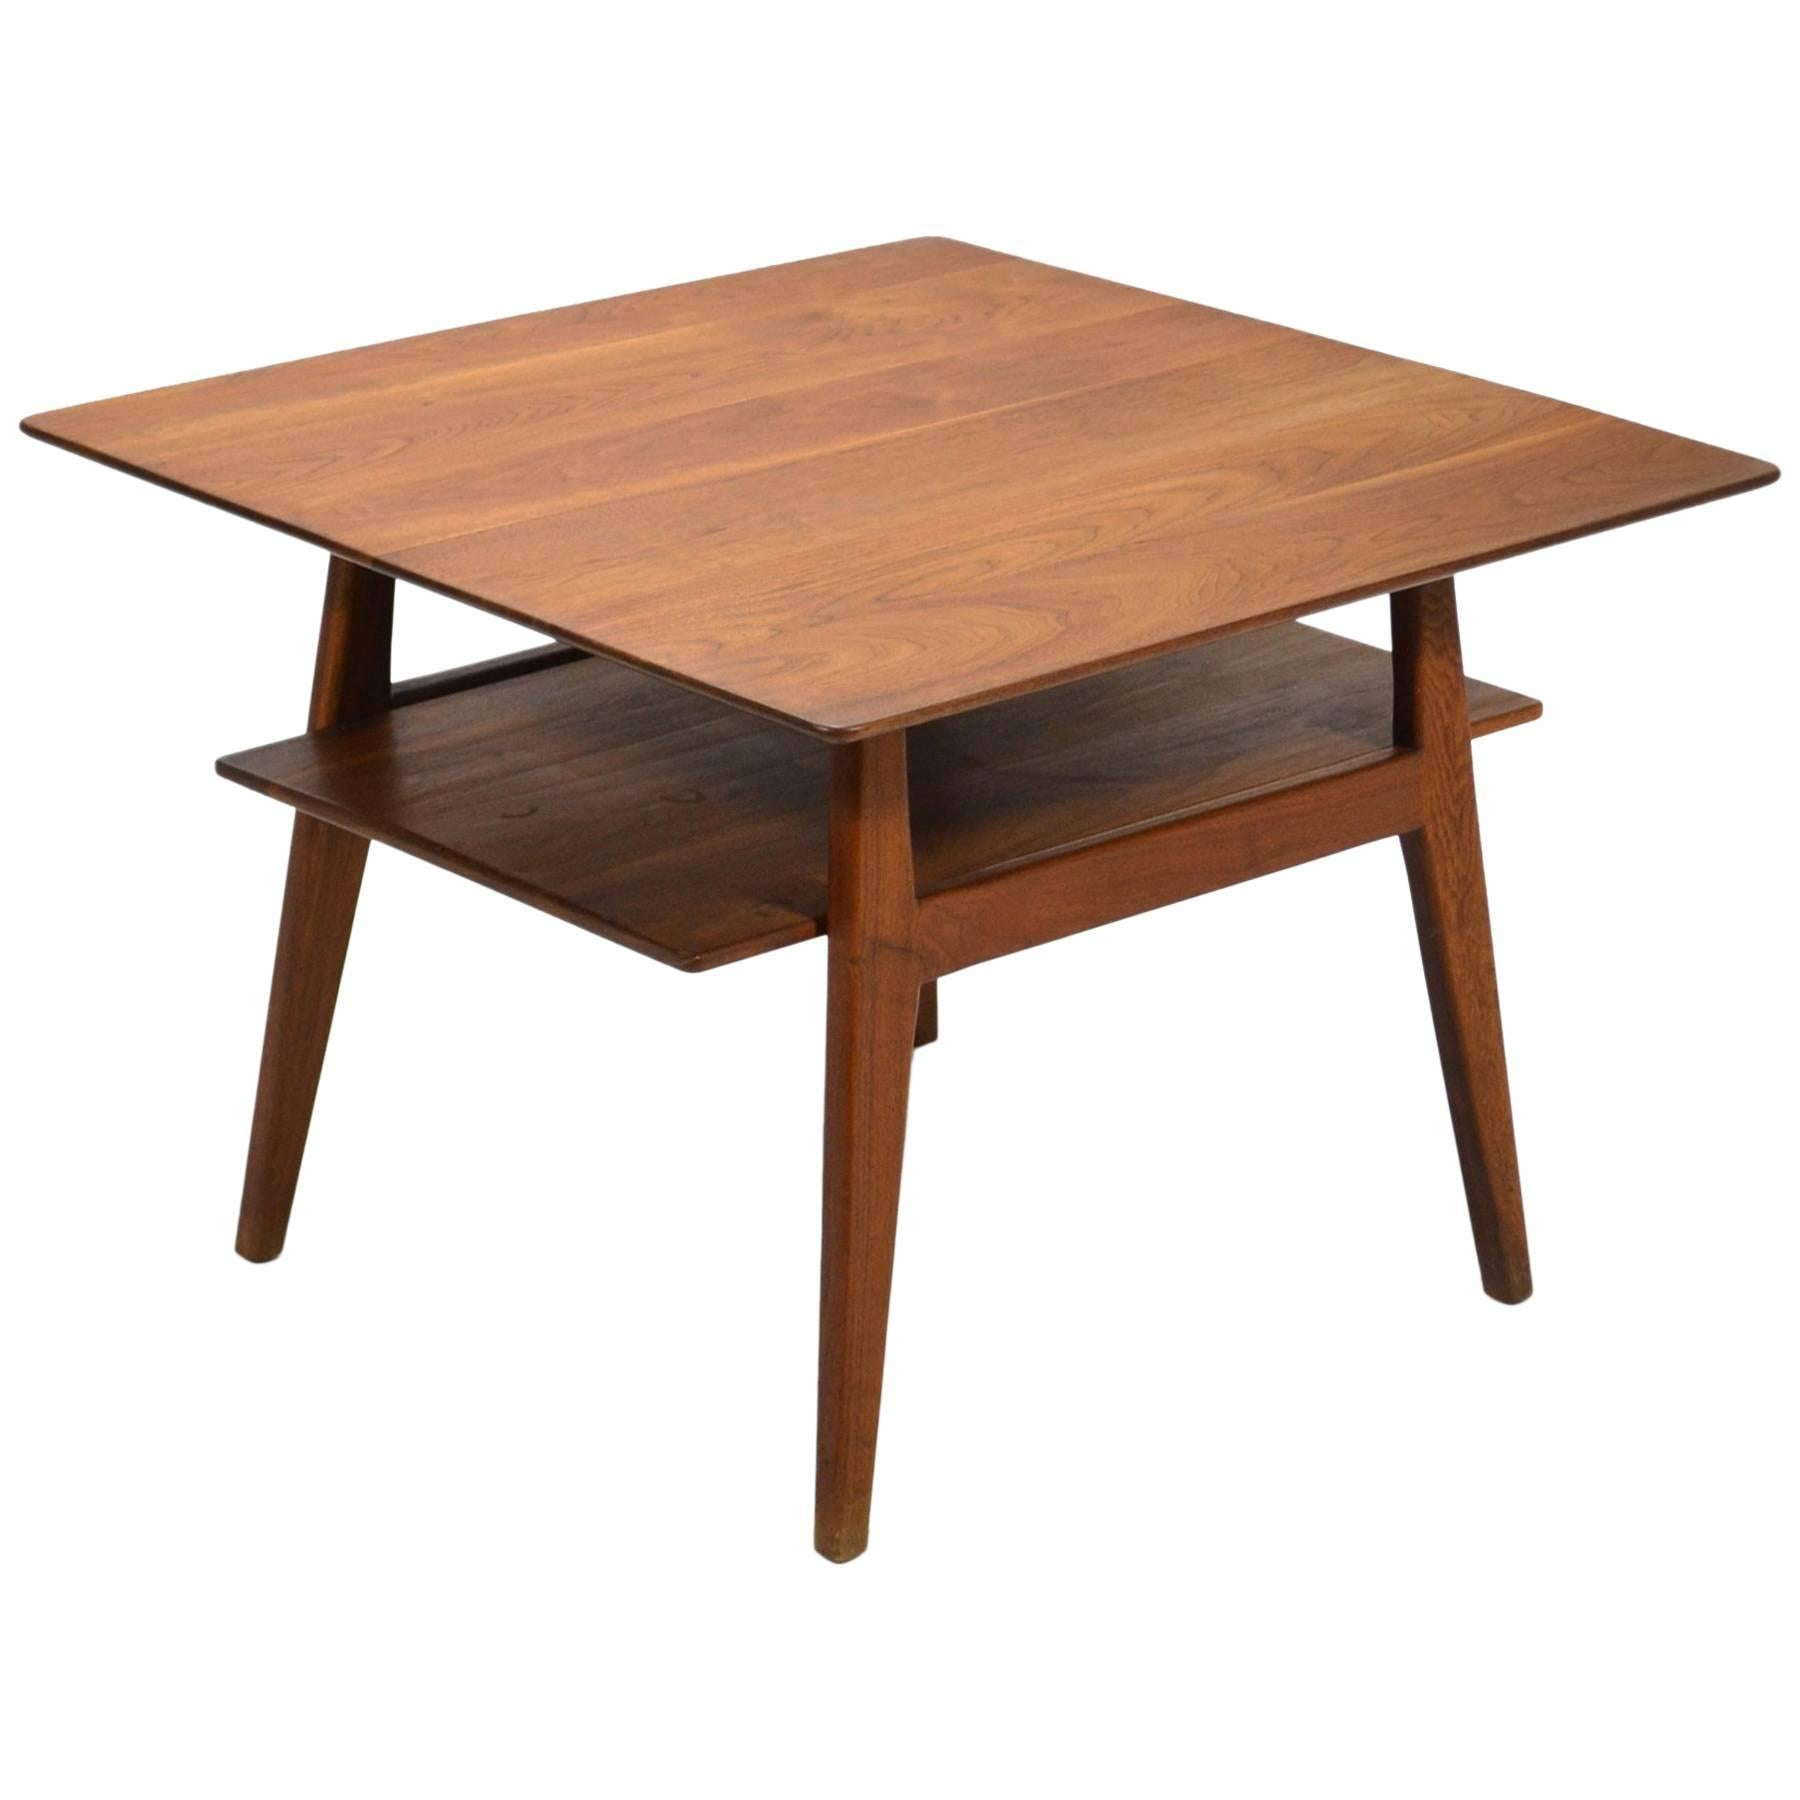 Jens Risom Walnut Side or End Table